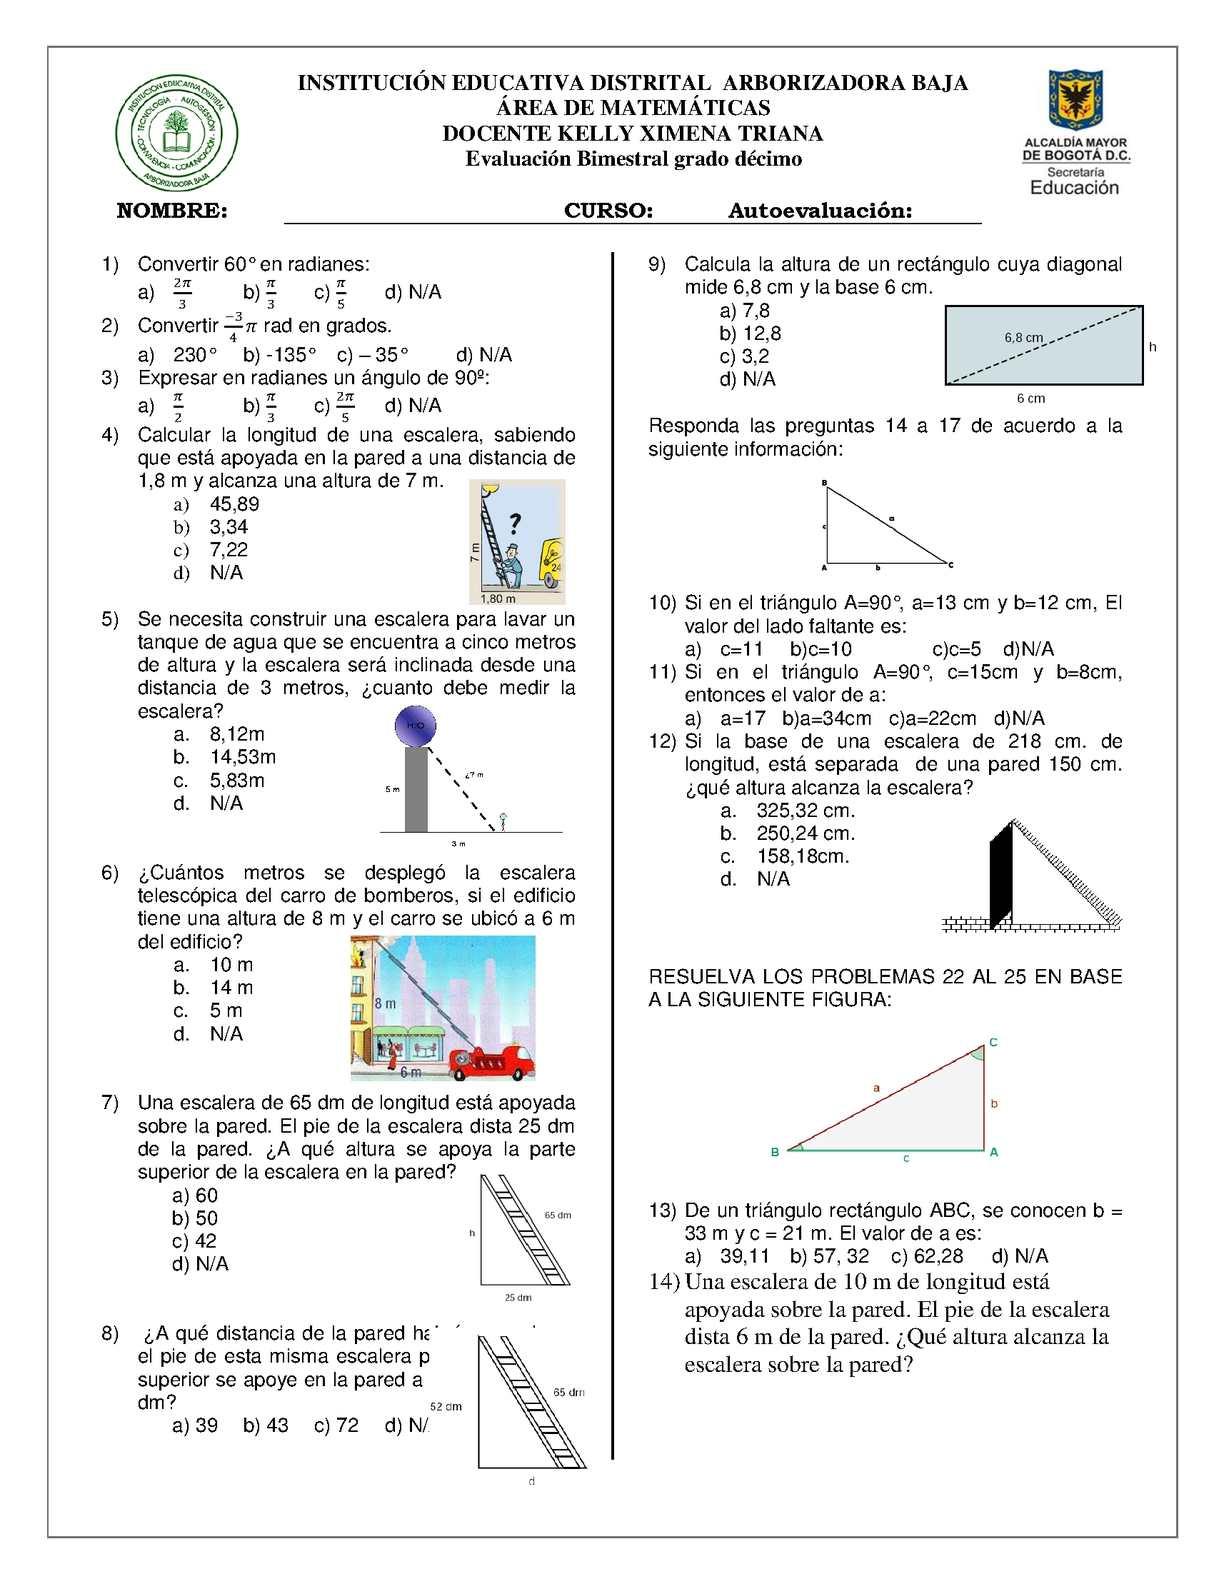 Escalera de metros cubicos affordable braslia projeto for Como calcular una escalera